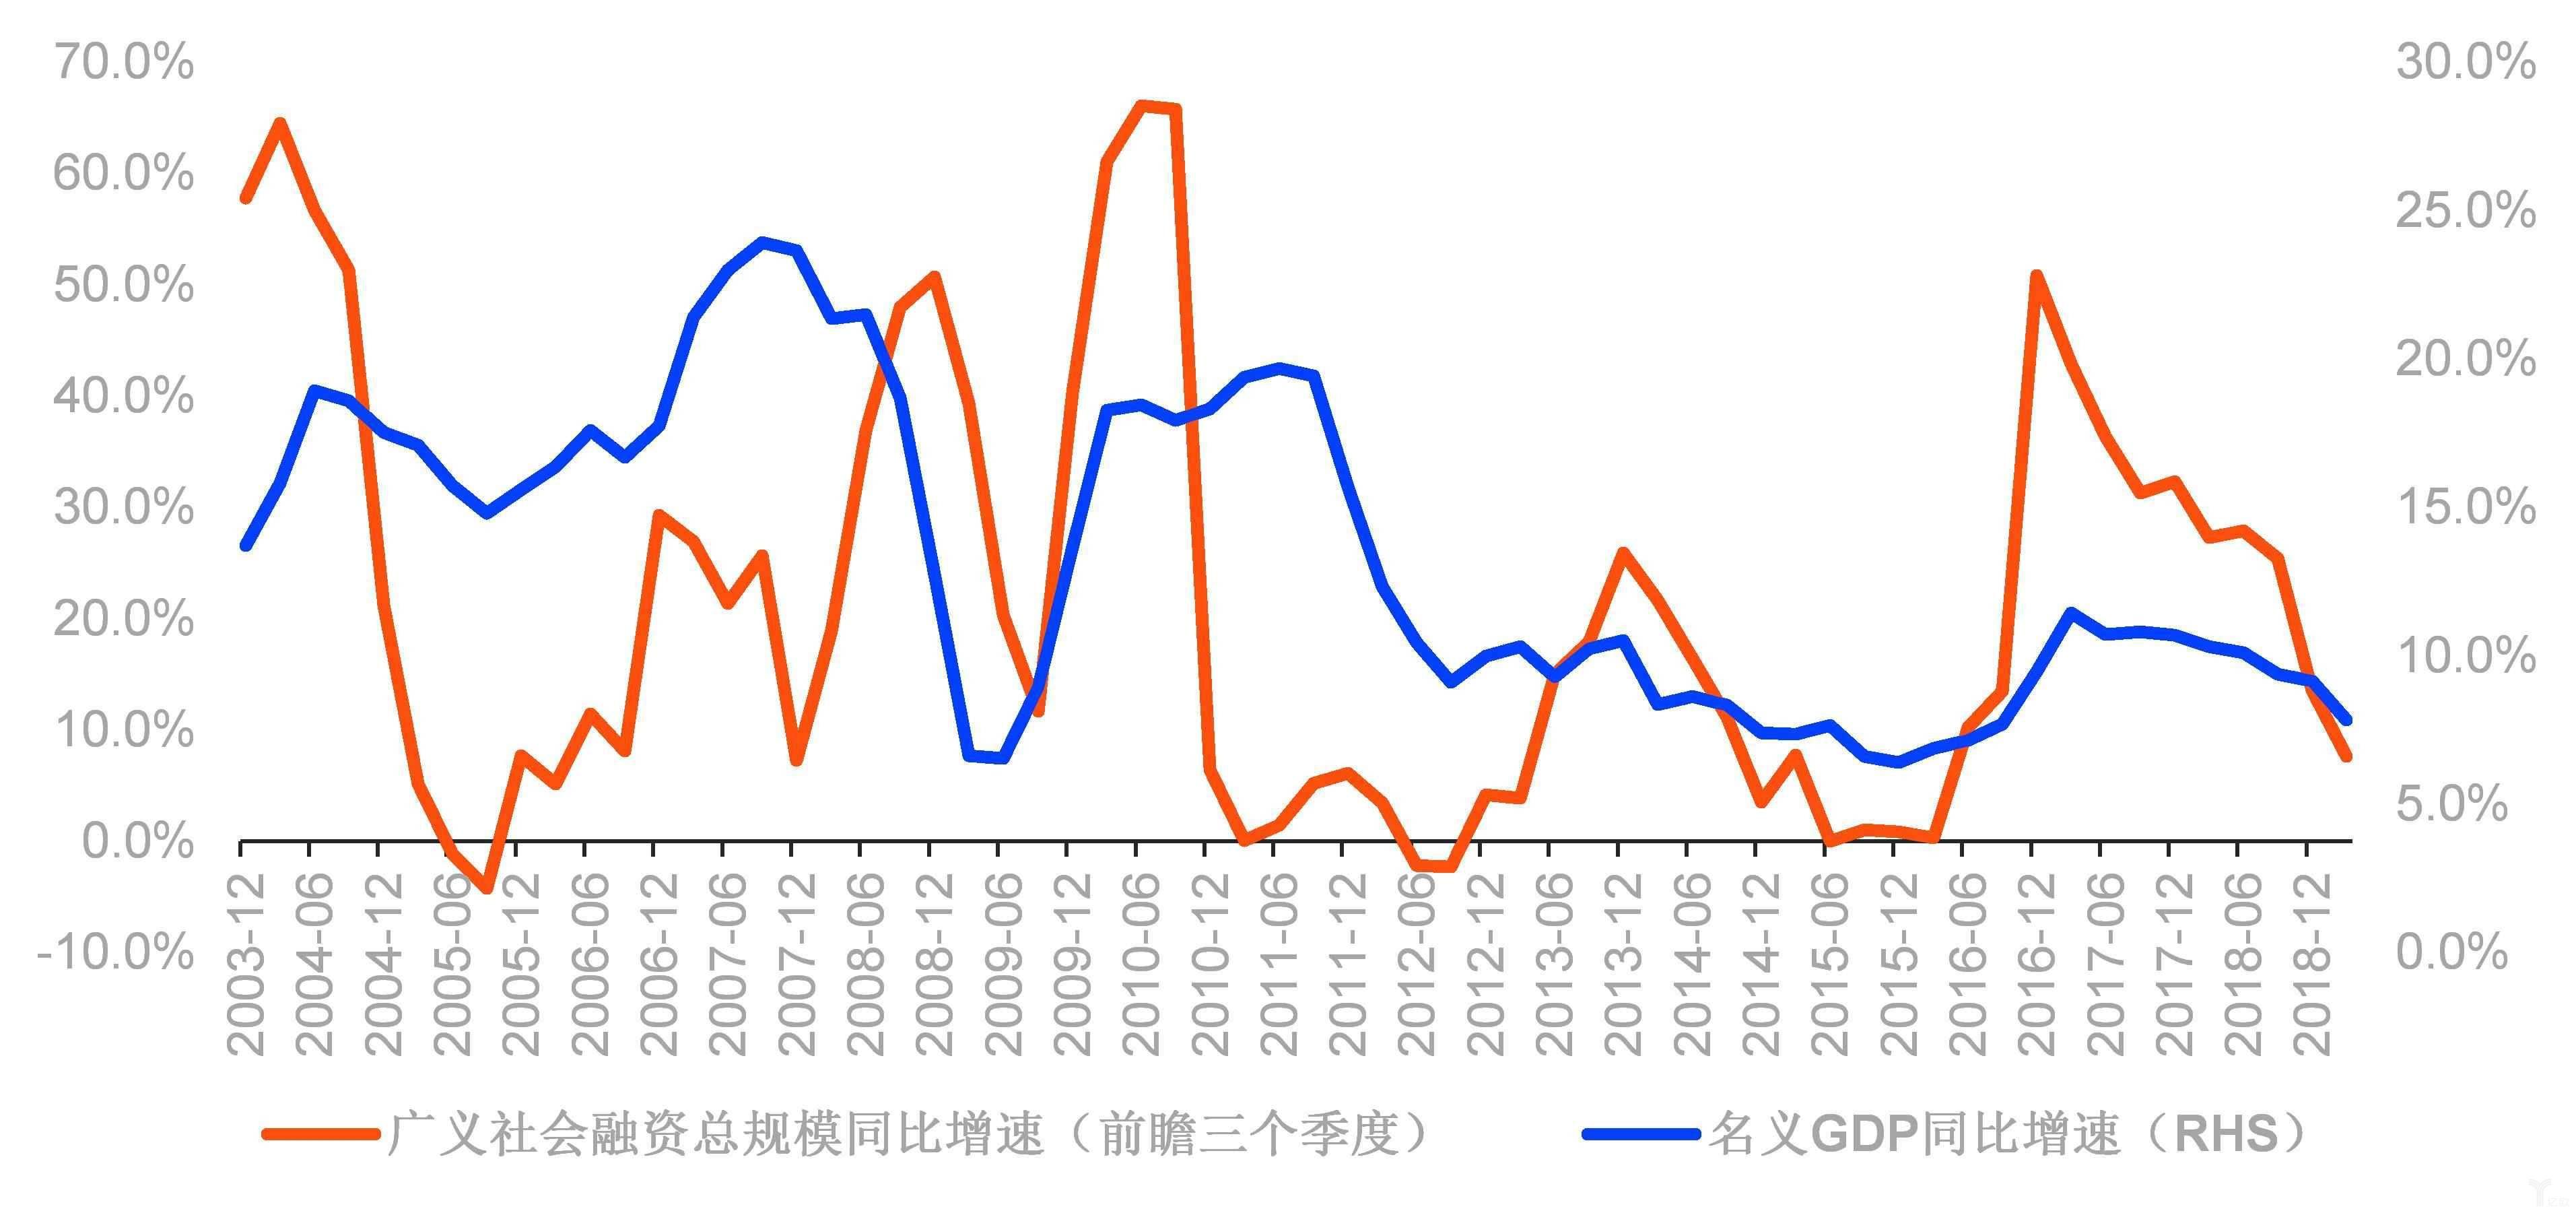 中国广义社融同比增速及名义GDP同比增速